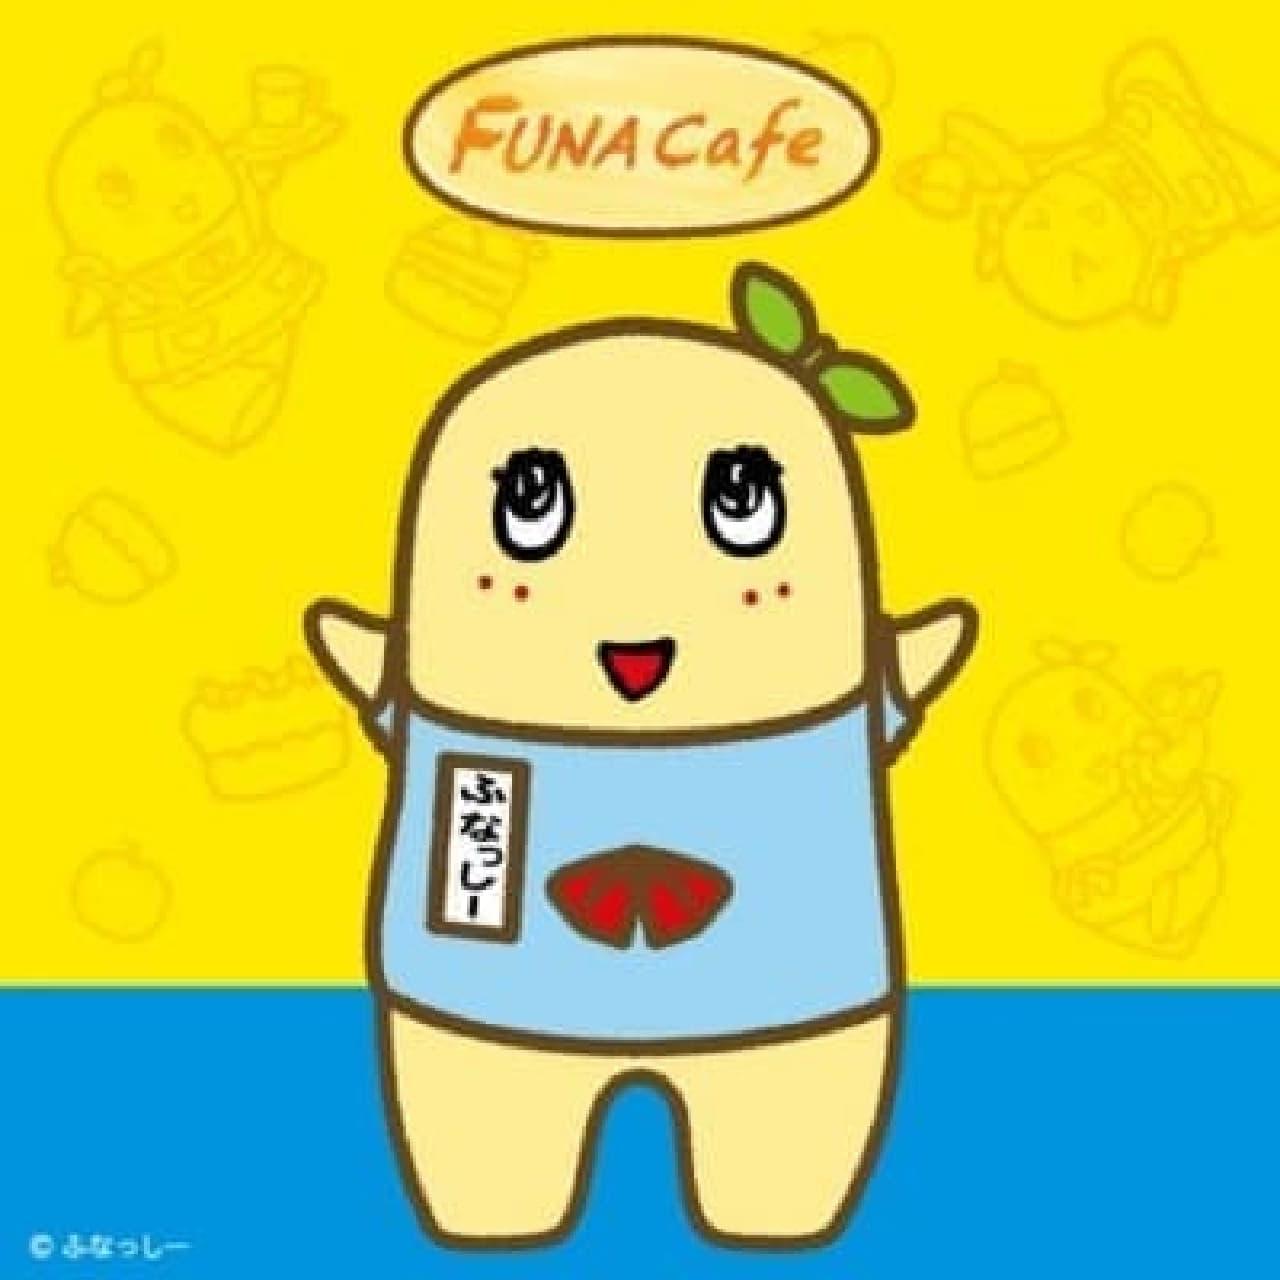 FUNA cafe がオープンするなっしー!